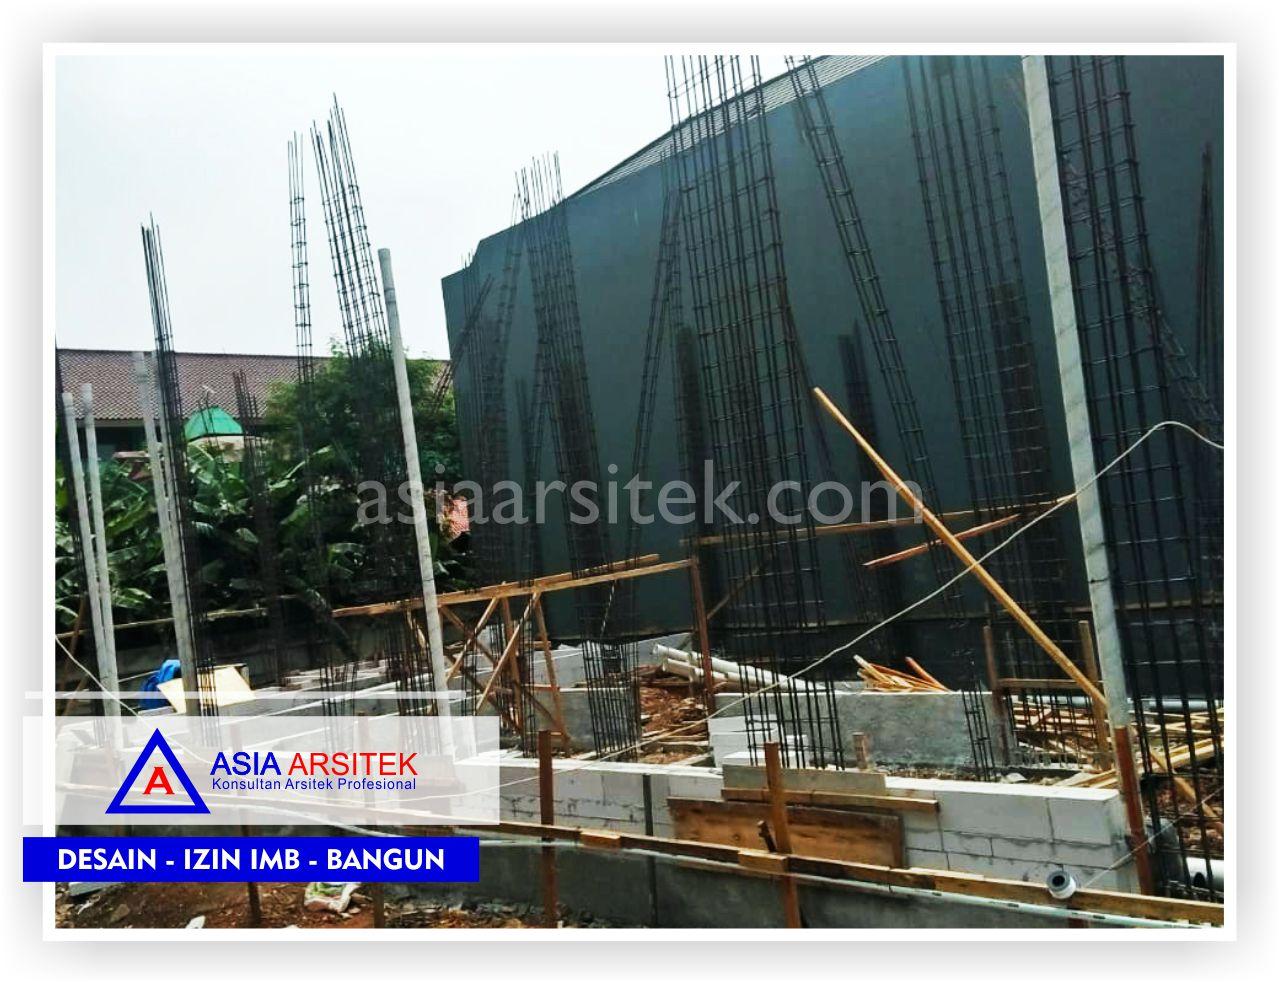 Struktur Kolom Rumah Minimalis Bu Alfi Di Jakarta-Bogor-Tangerang-Bekasi-Bandung-Jasa Konsultan Desain Arsitek Profesional - Desain Rumah Mewah - Arsitek Gambar Desain Rumah Klasik Mewah 4